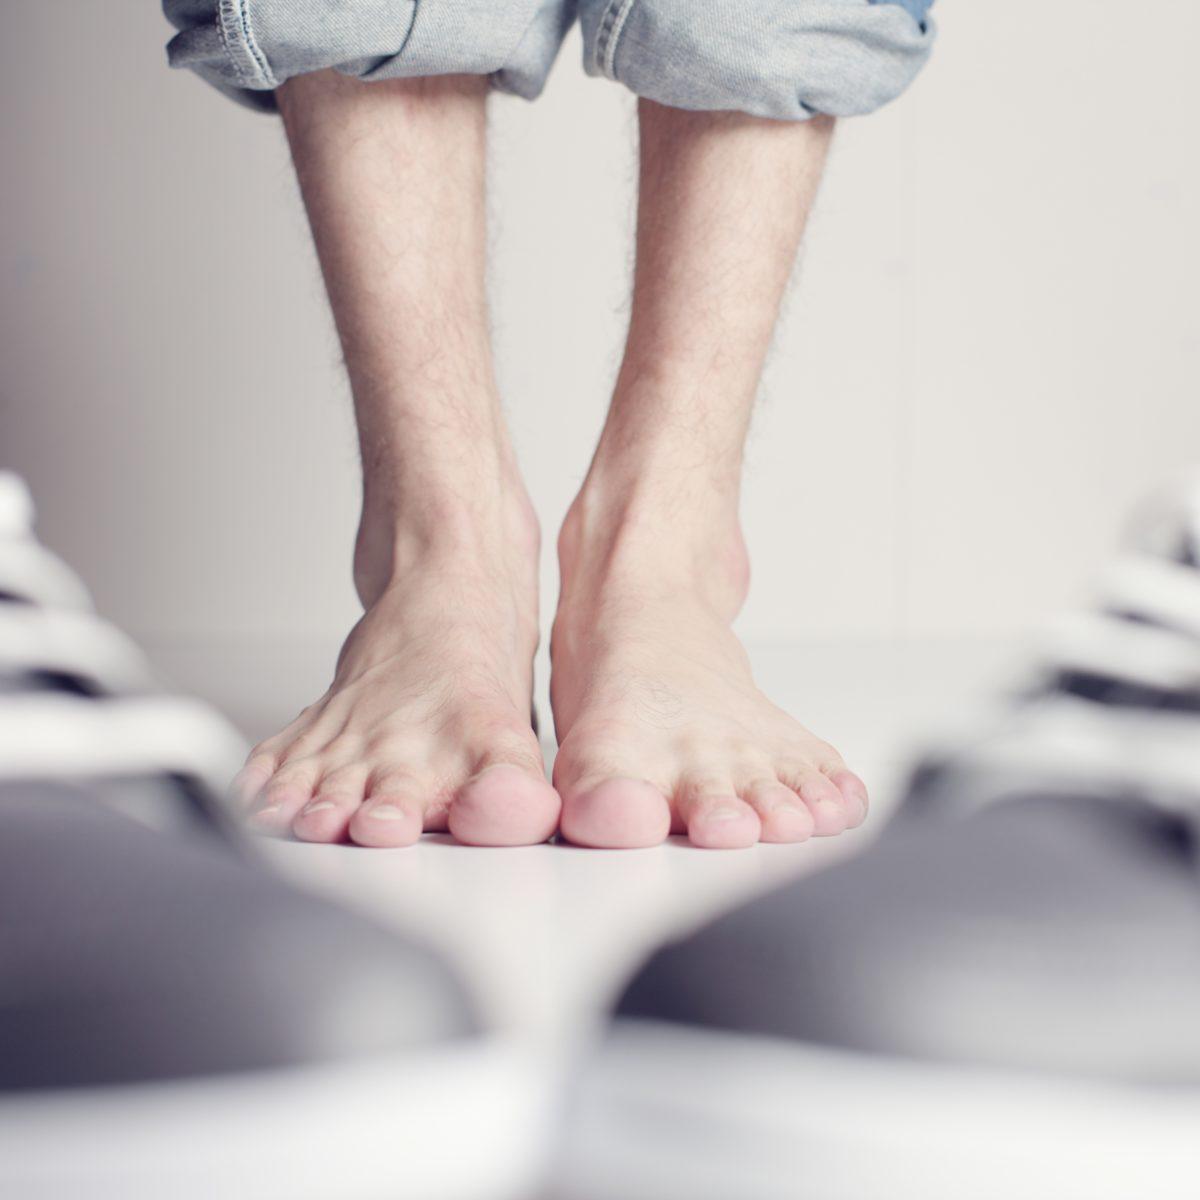 Jakim sposobem leczyć grzybicę? Zapobieganie oraz symptomy